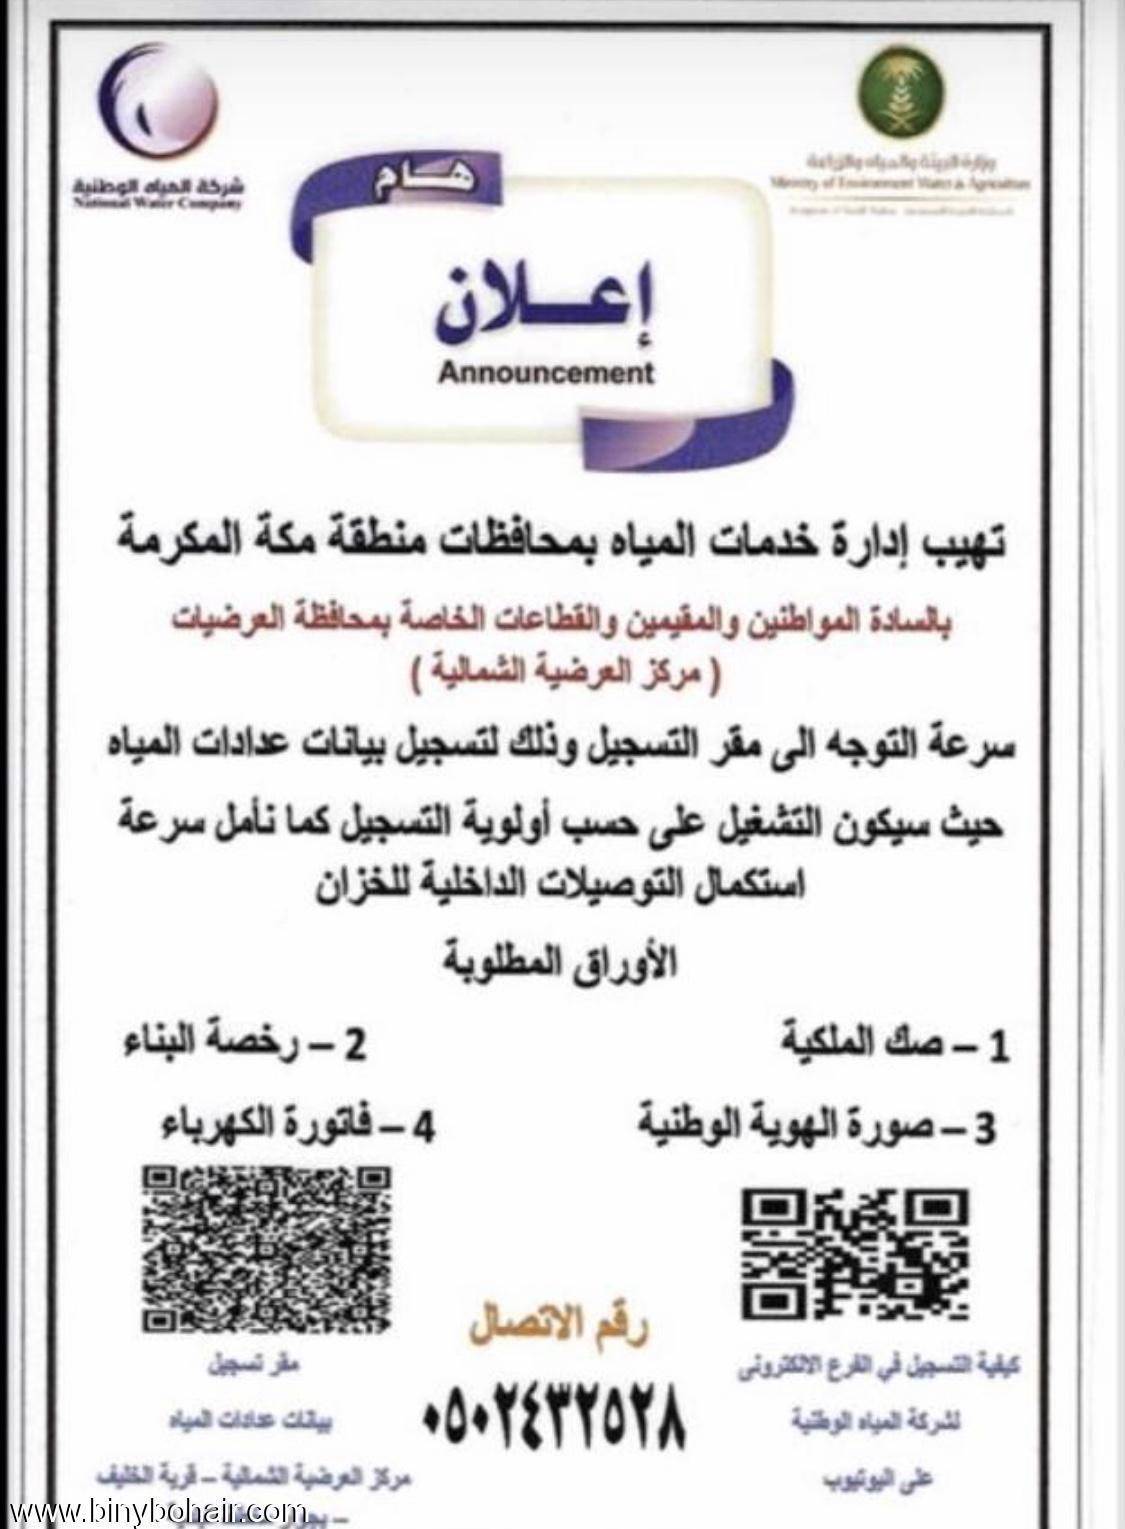 اعلان للسادة المواطنين والقطاعات الخاصة bp125905.jpeg